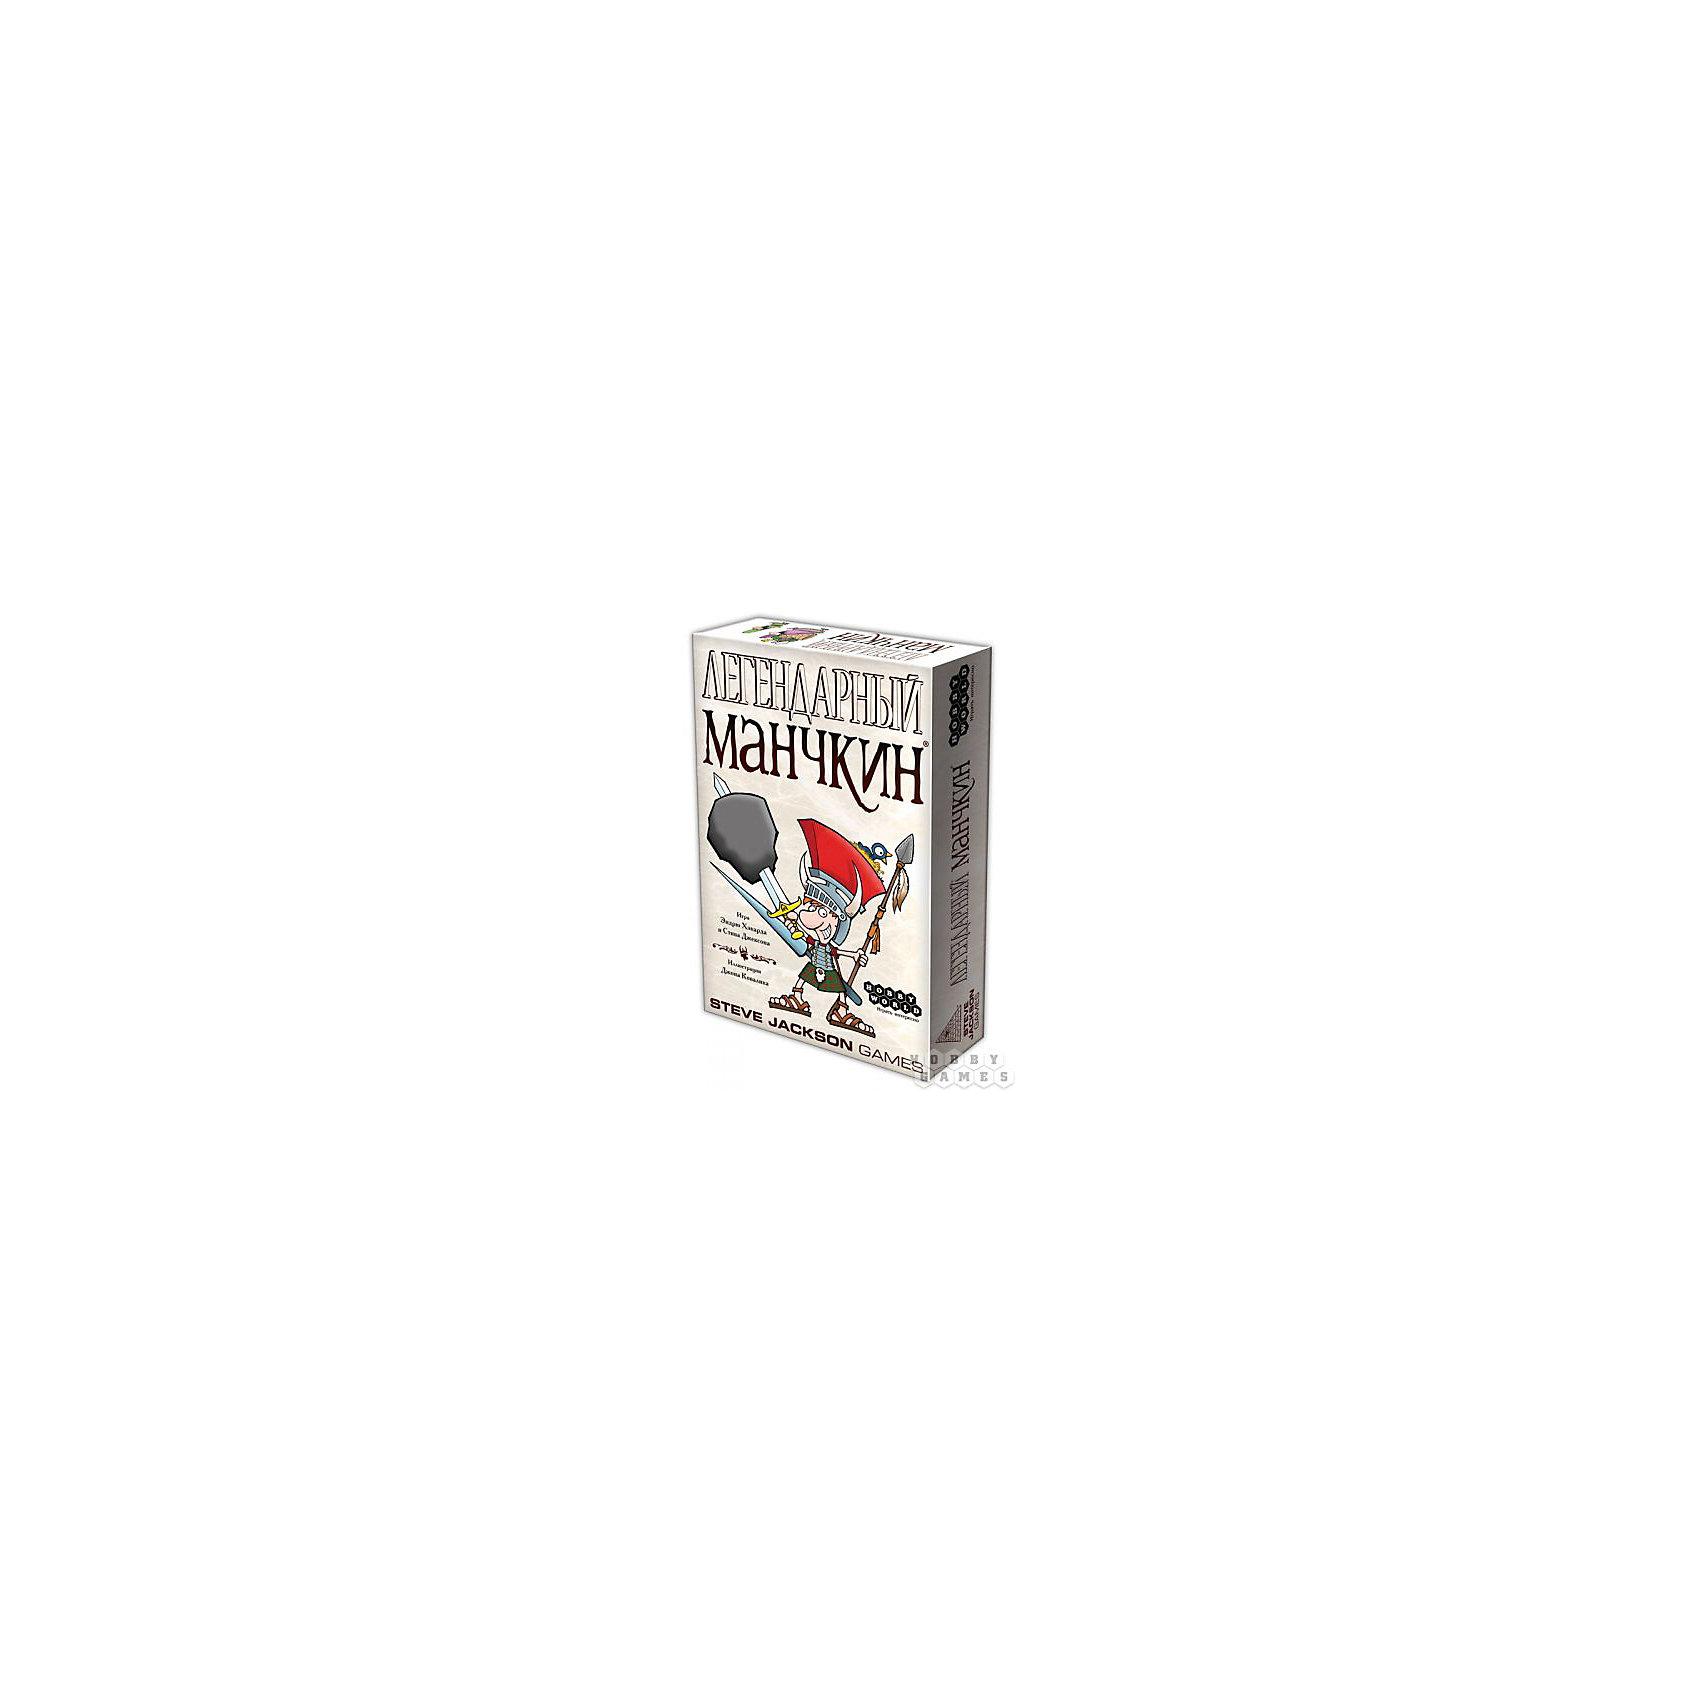 Игра Легендарный Манчкин,  Hobby WorldКарточные игры<br>Характеристики товара:<br><br>• возраст: от 12 лет;<br>• материал: картон;<br>• количество игроков: 3-6 человек;<br>• время игры: от 30 минут;<br>• в комплекте: 96 карт дверей, 72 карты сокровищ, кубик, правила игры;<br>• размер упаковки 23,3х15,5х4,9 см;<br>• вес упаковки 432 гр.;<br>• страна производитель: Россия.<br><br>Игра настольная «Легендарный Манчкин» Hobby World позволит увлекательно провести время в компании друзей. Каждый игрок в игре управляет своим манчкином и должен довести его до 10 уровня. Игра состоит из отдельных ходов каждого игрока, а в каждом ходе несколько фаз.<br><br>Игру настольную «Легендарный Манчкин» Hobby World можно приобрести в нашем интернет-магазине.<br><br>Ширина мм: 233<br>Глубина мм: 155<br>Высота мм: 49<br>Вес г: 432<br>Возраст от месяцев: 144<br>Возраст до месяцев: 2147483647<br>Пол: Унисекс<br>Возраст: Детский<br>SKU: 5597227